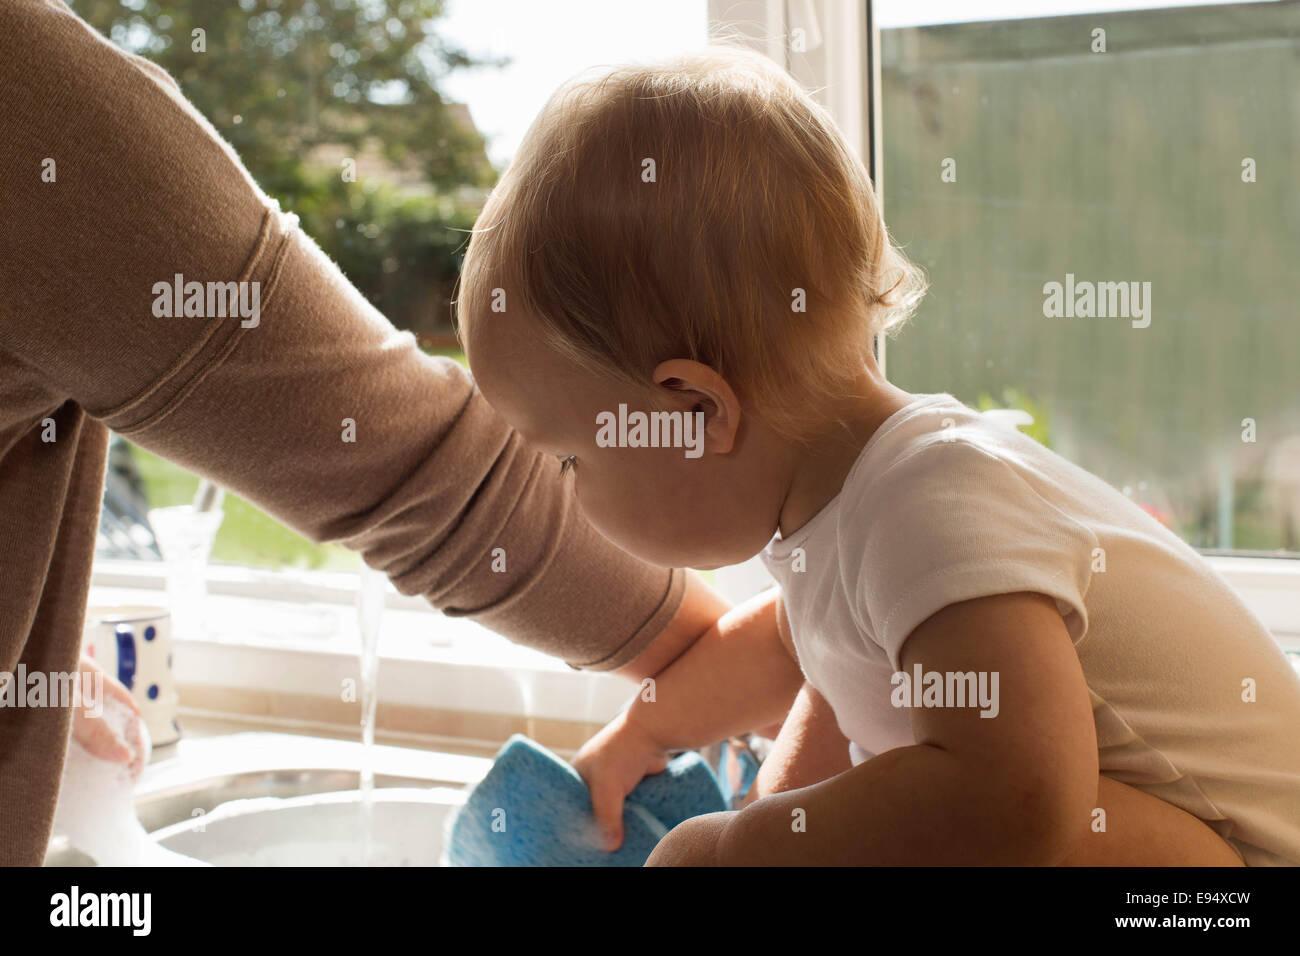 Bebé jugando con el agua en la cocina. Foto de stock